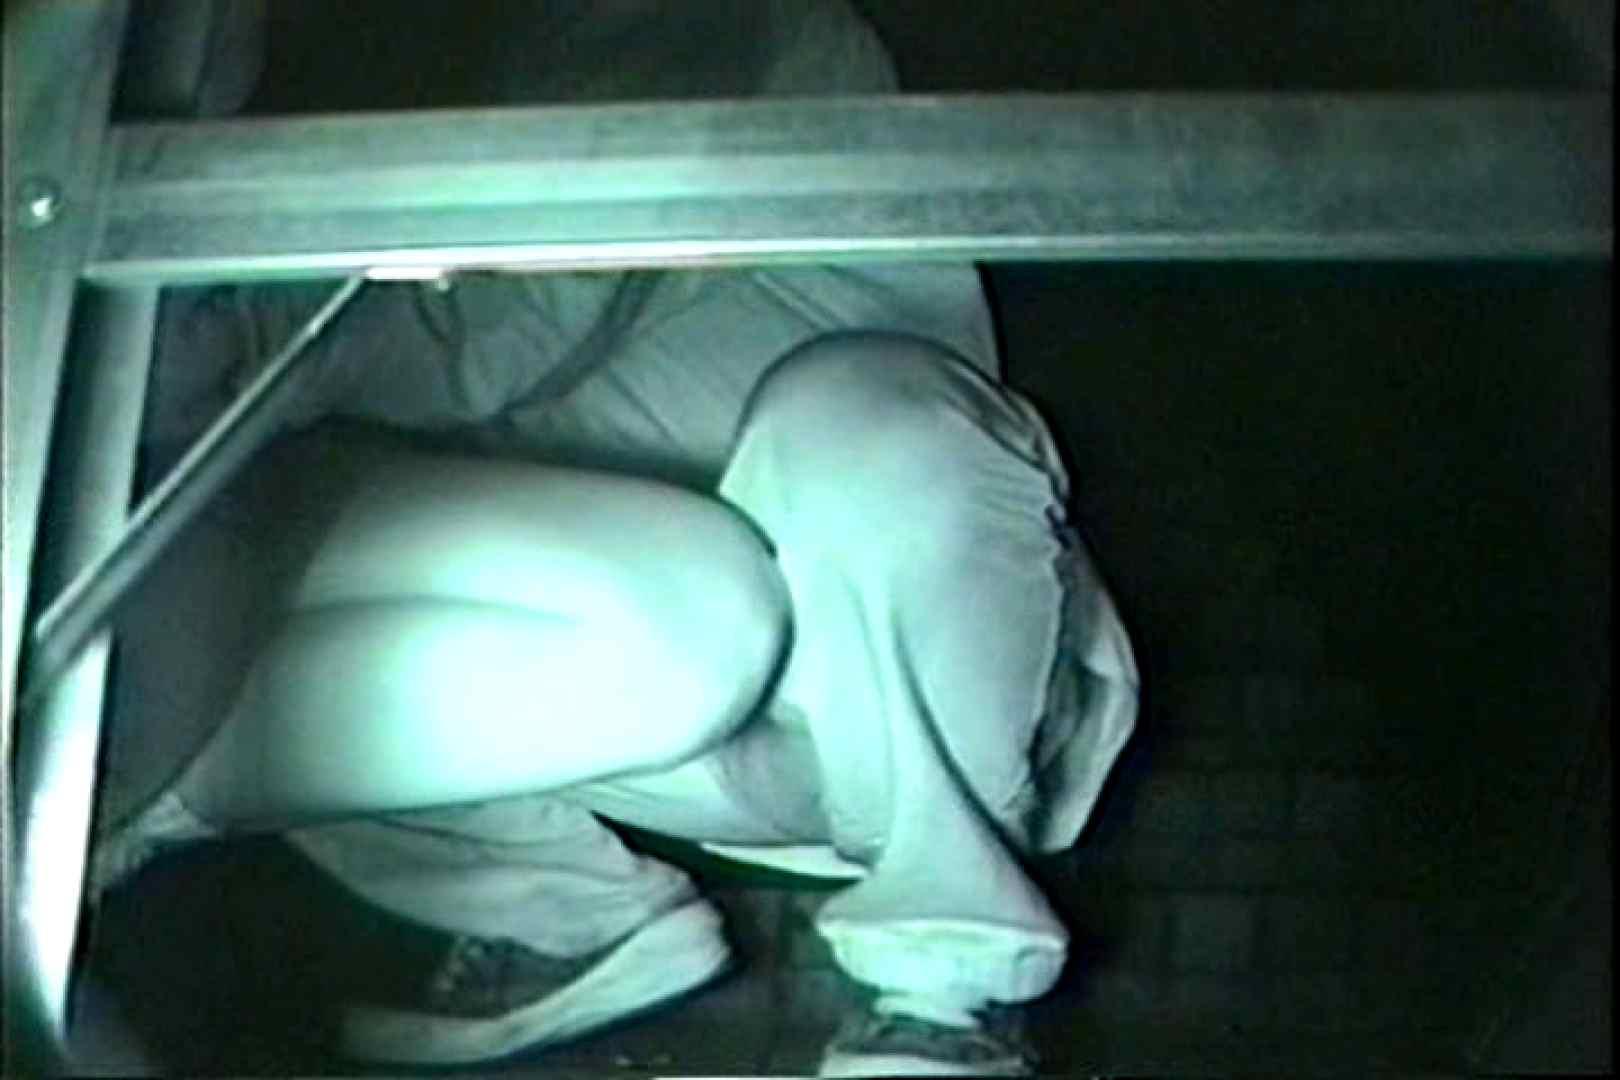 闇の仕掛け人 無修正版 Vol.17 セックス オマンコ動画キャプチャ 102pic 71